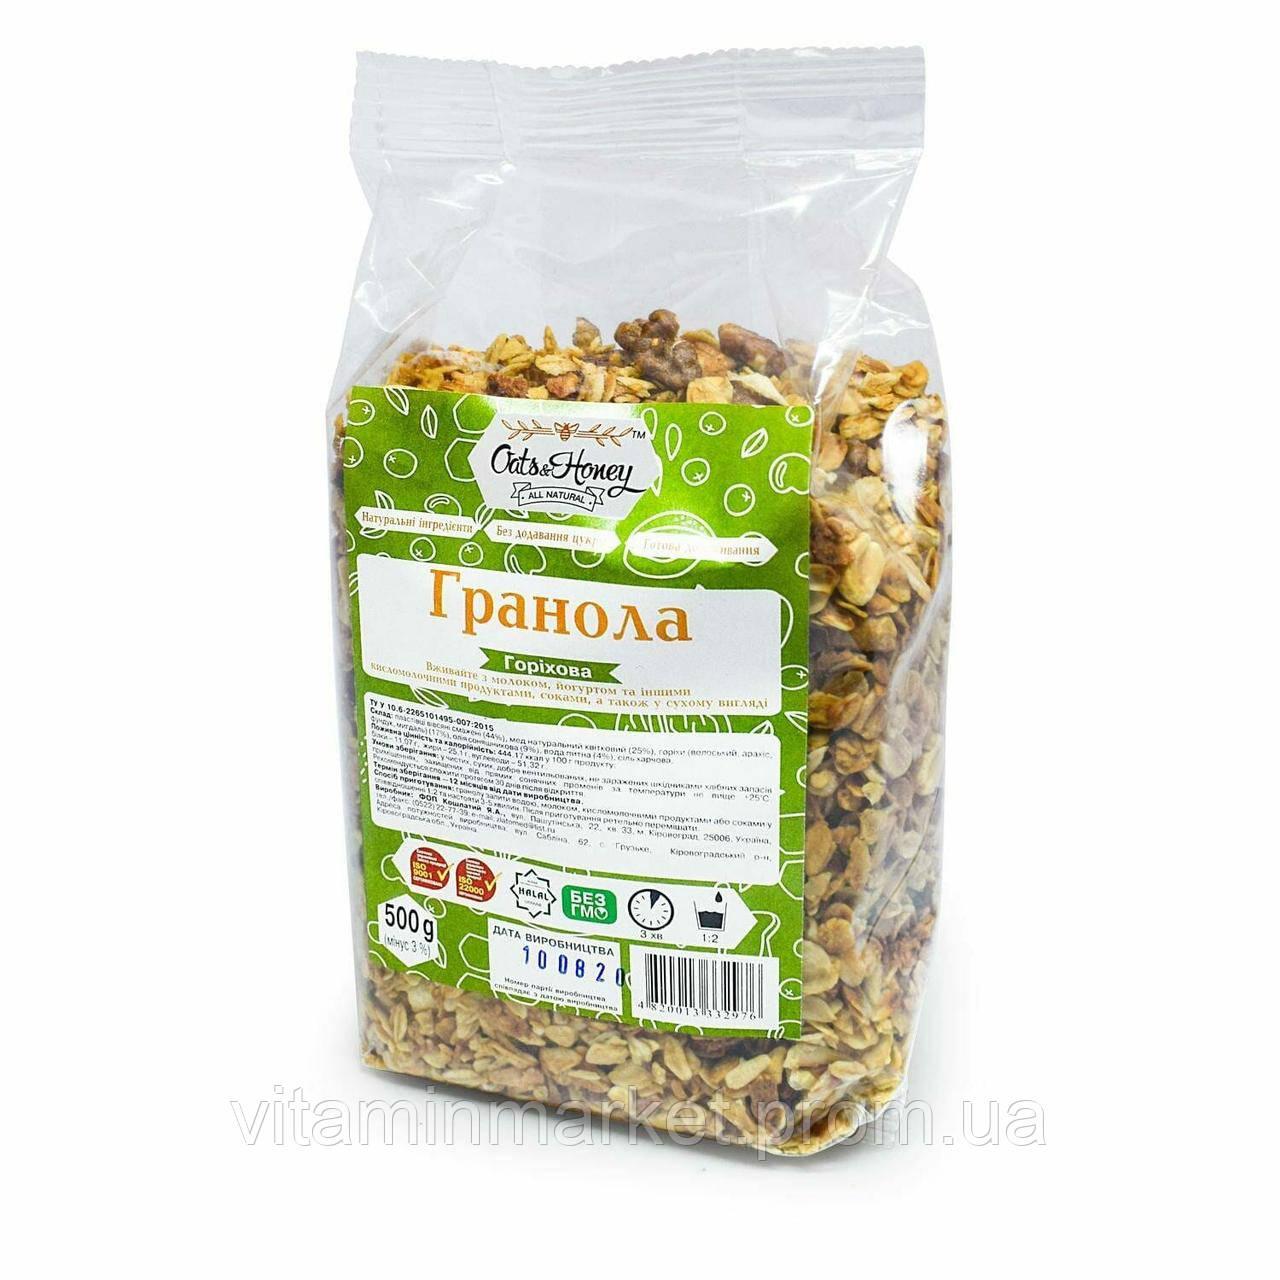 Гранола Oats & Honey ореховая 100% натуральная 500 г